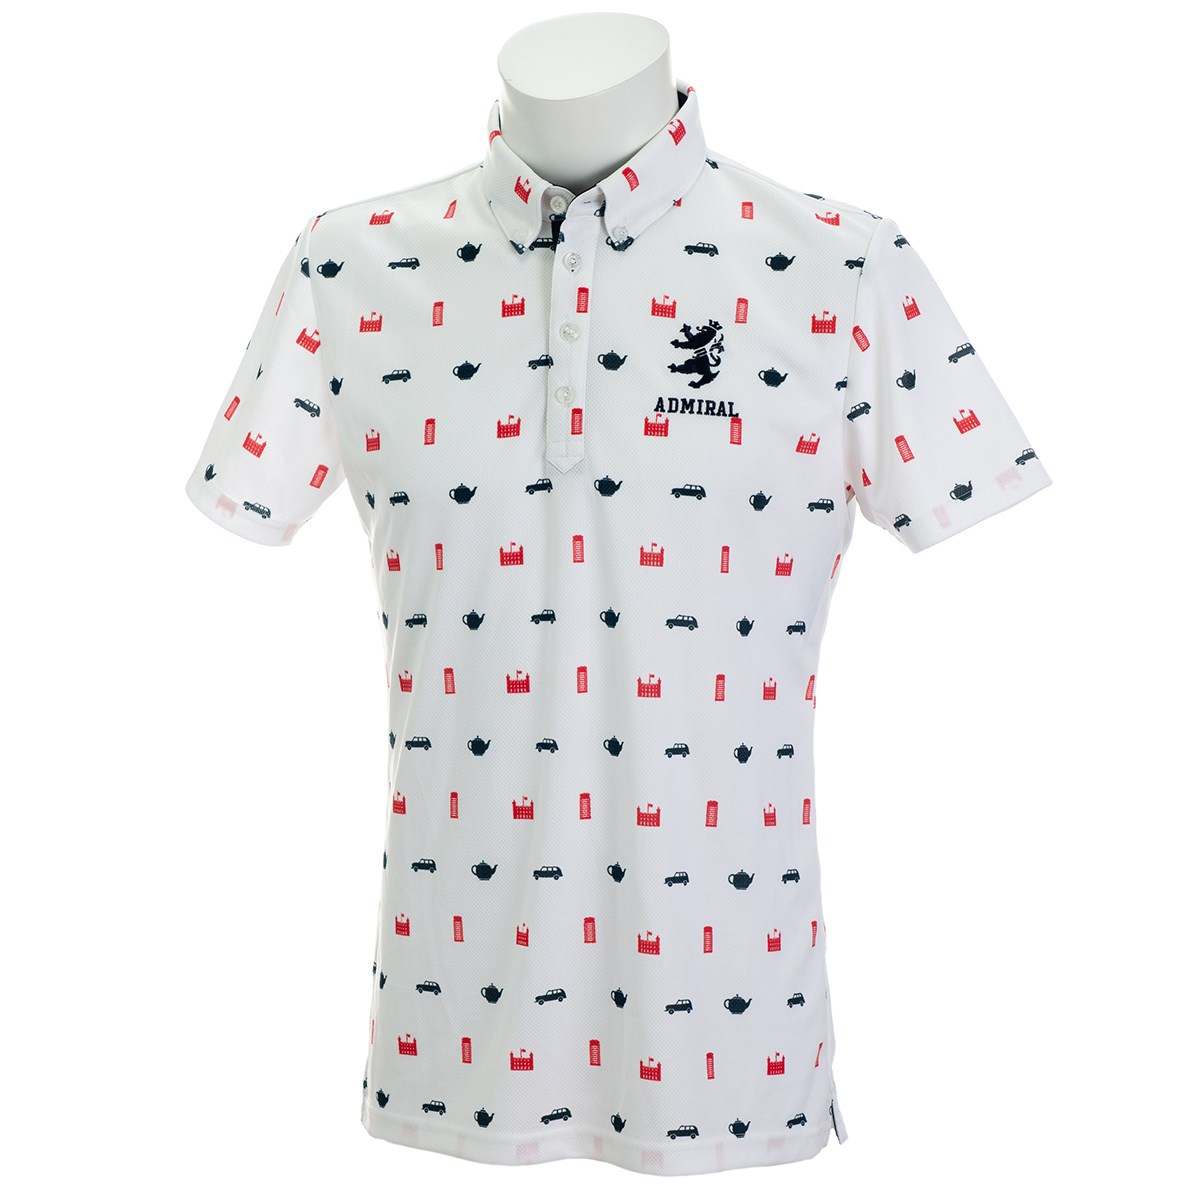 アドミラル 総柄アイコン ボタンダウン半袖ポロシャツ